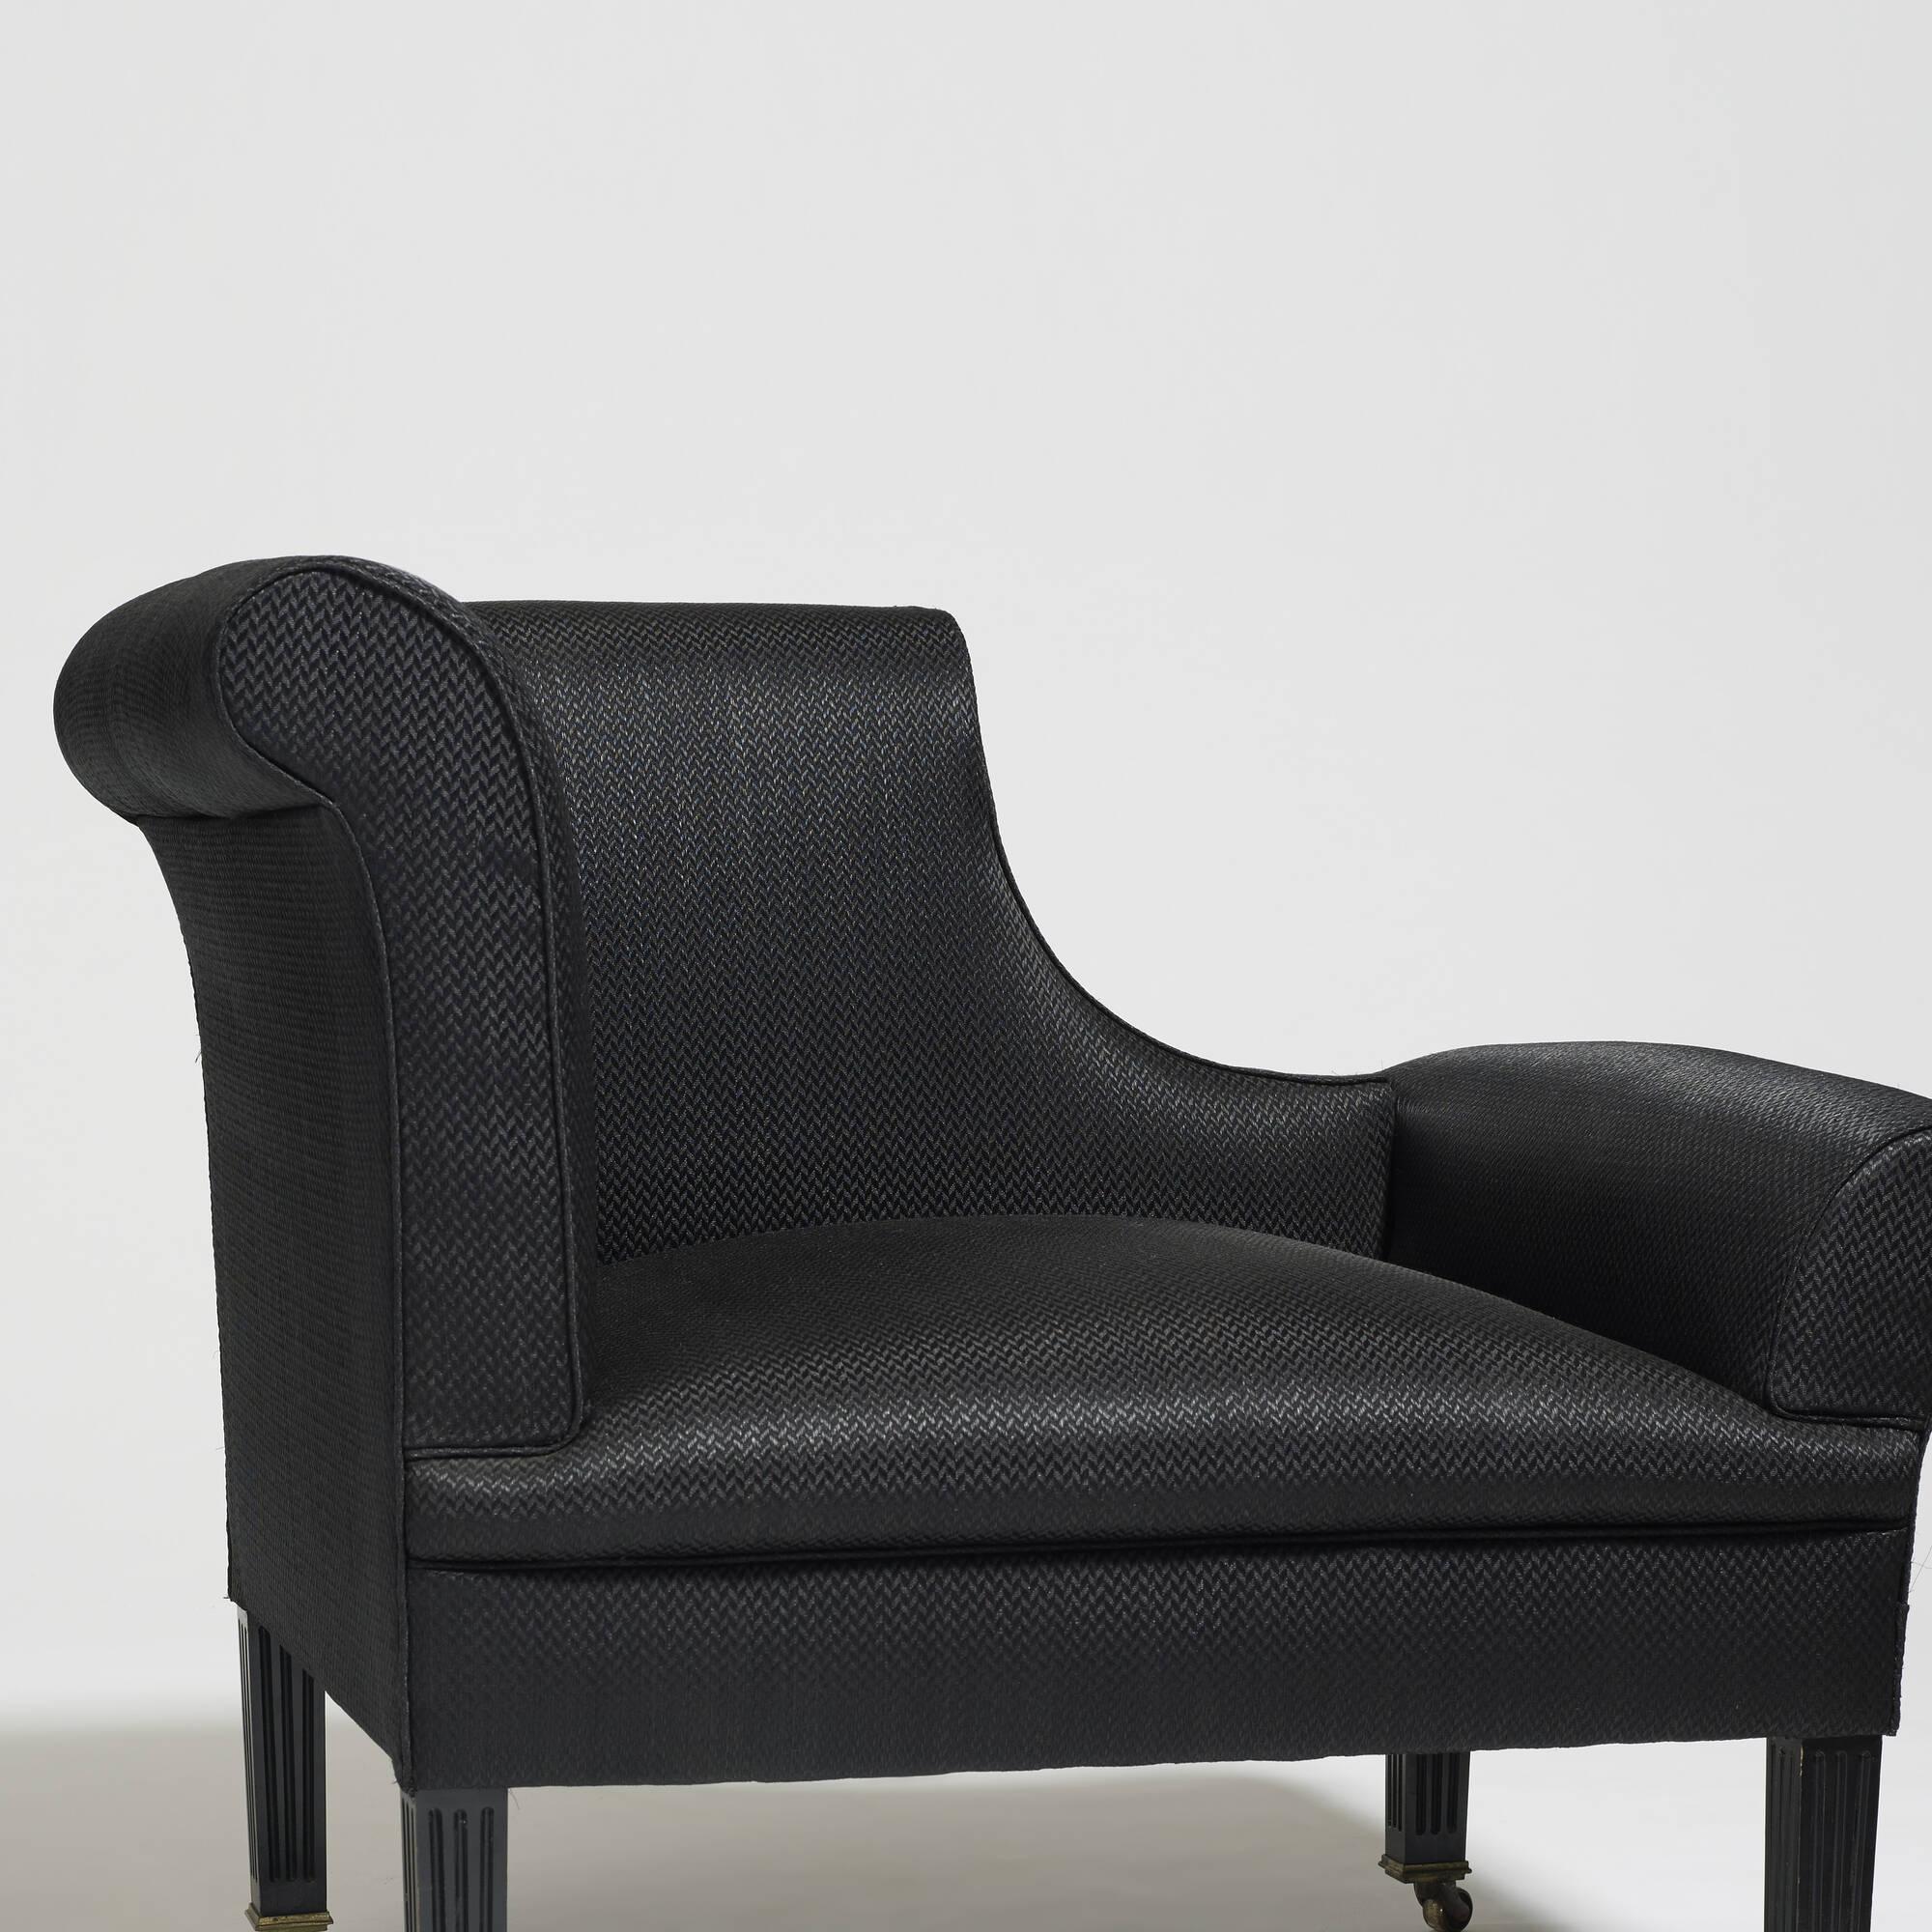 319: Sir Edwin Lutyens / Napoleon chairs, pair (3 of 3)